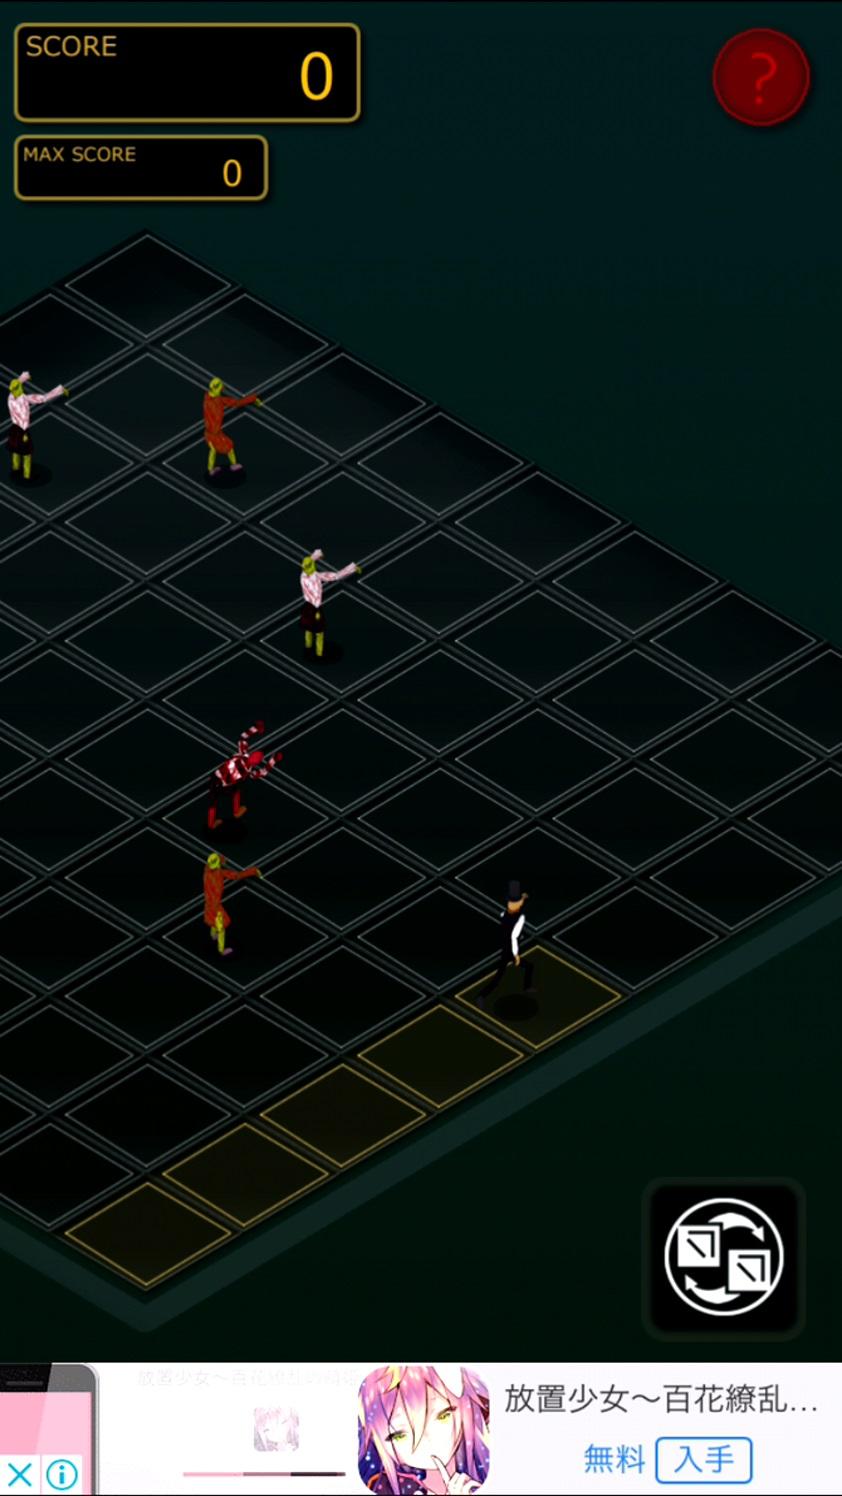 ゾンビゾゾン -zombiezozom- androidアプリスクリーンショット1